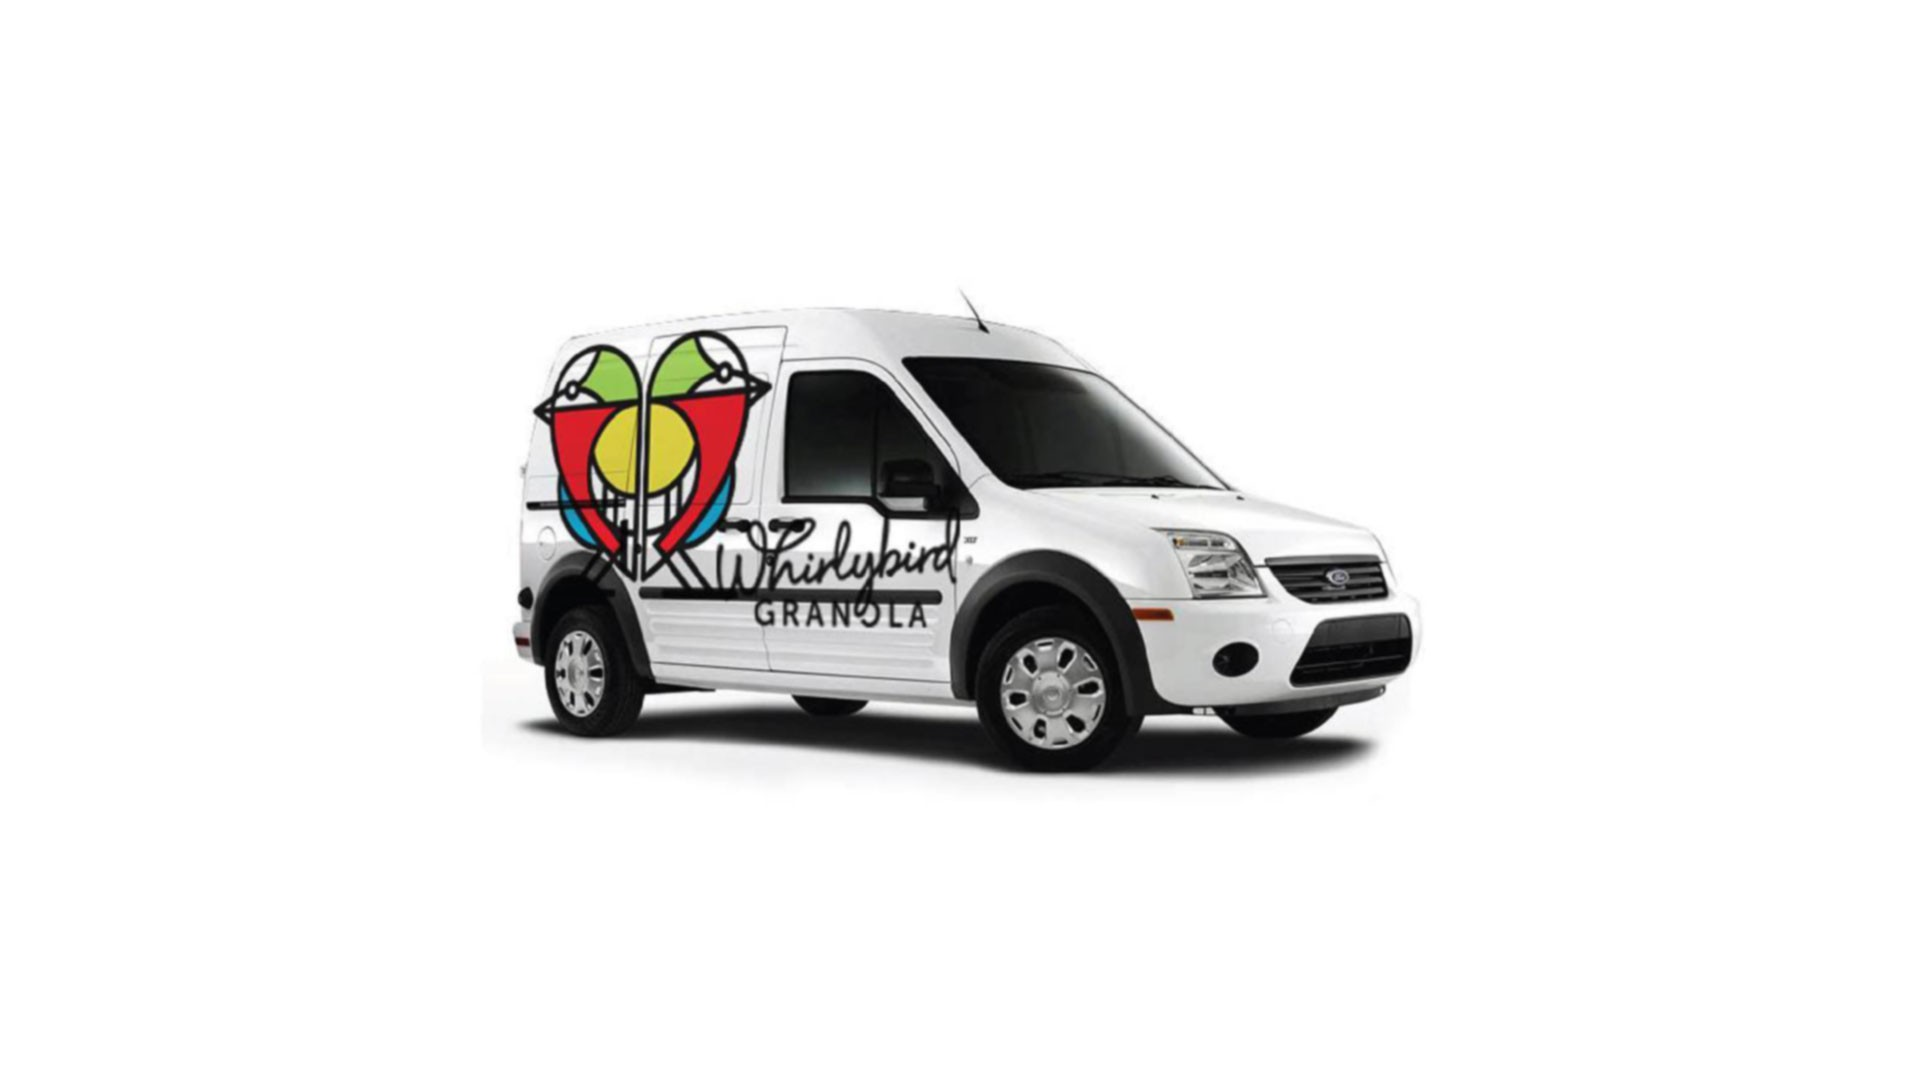 Whirlybird-Van